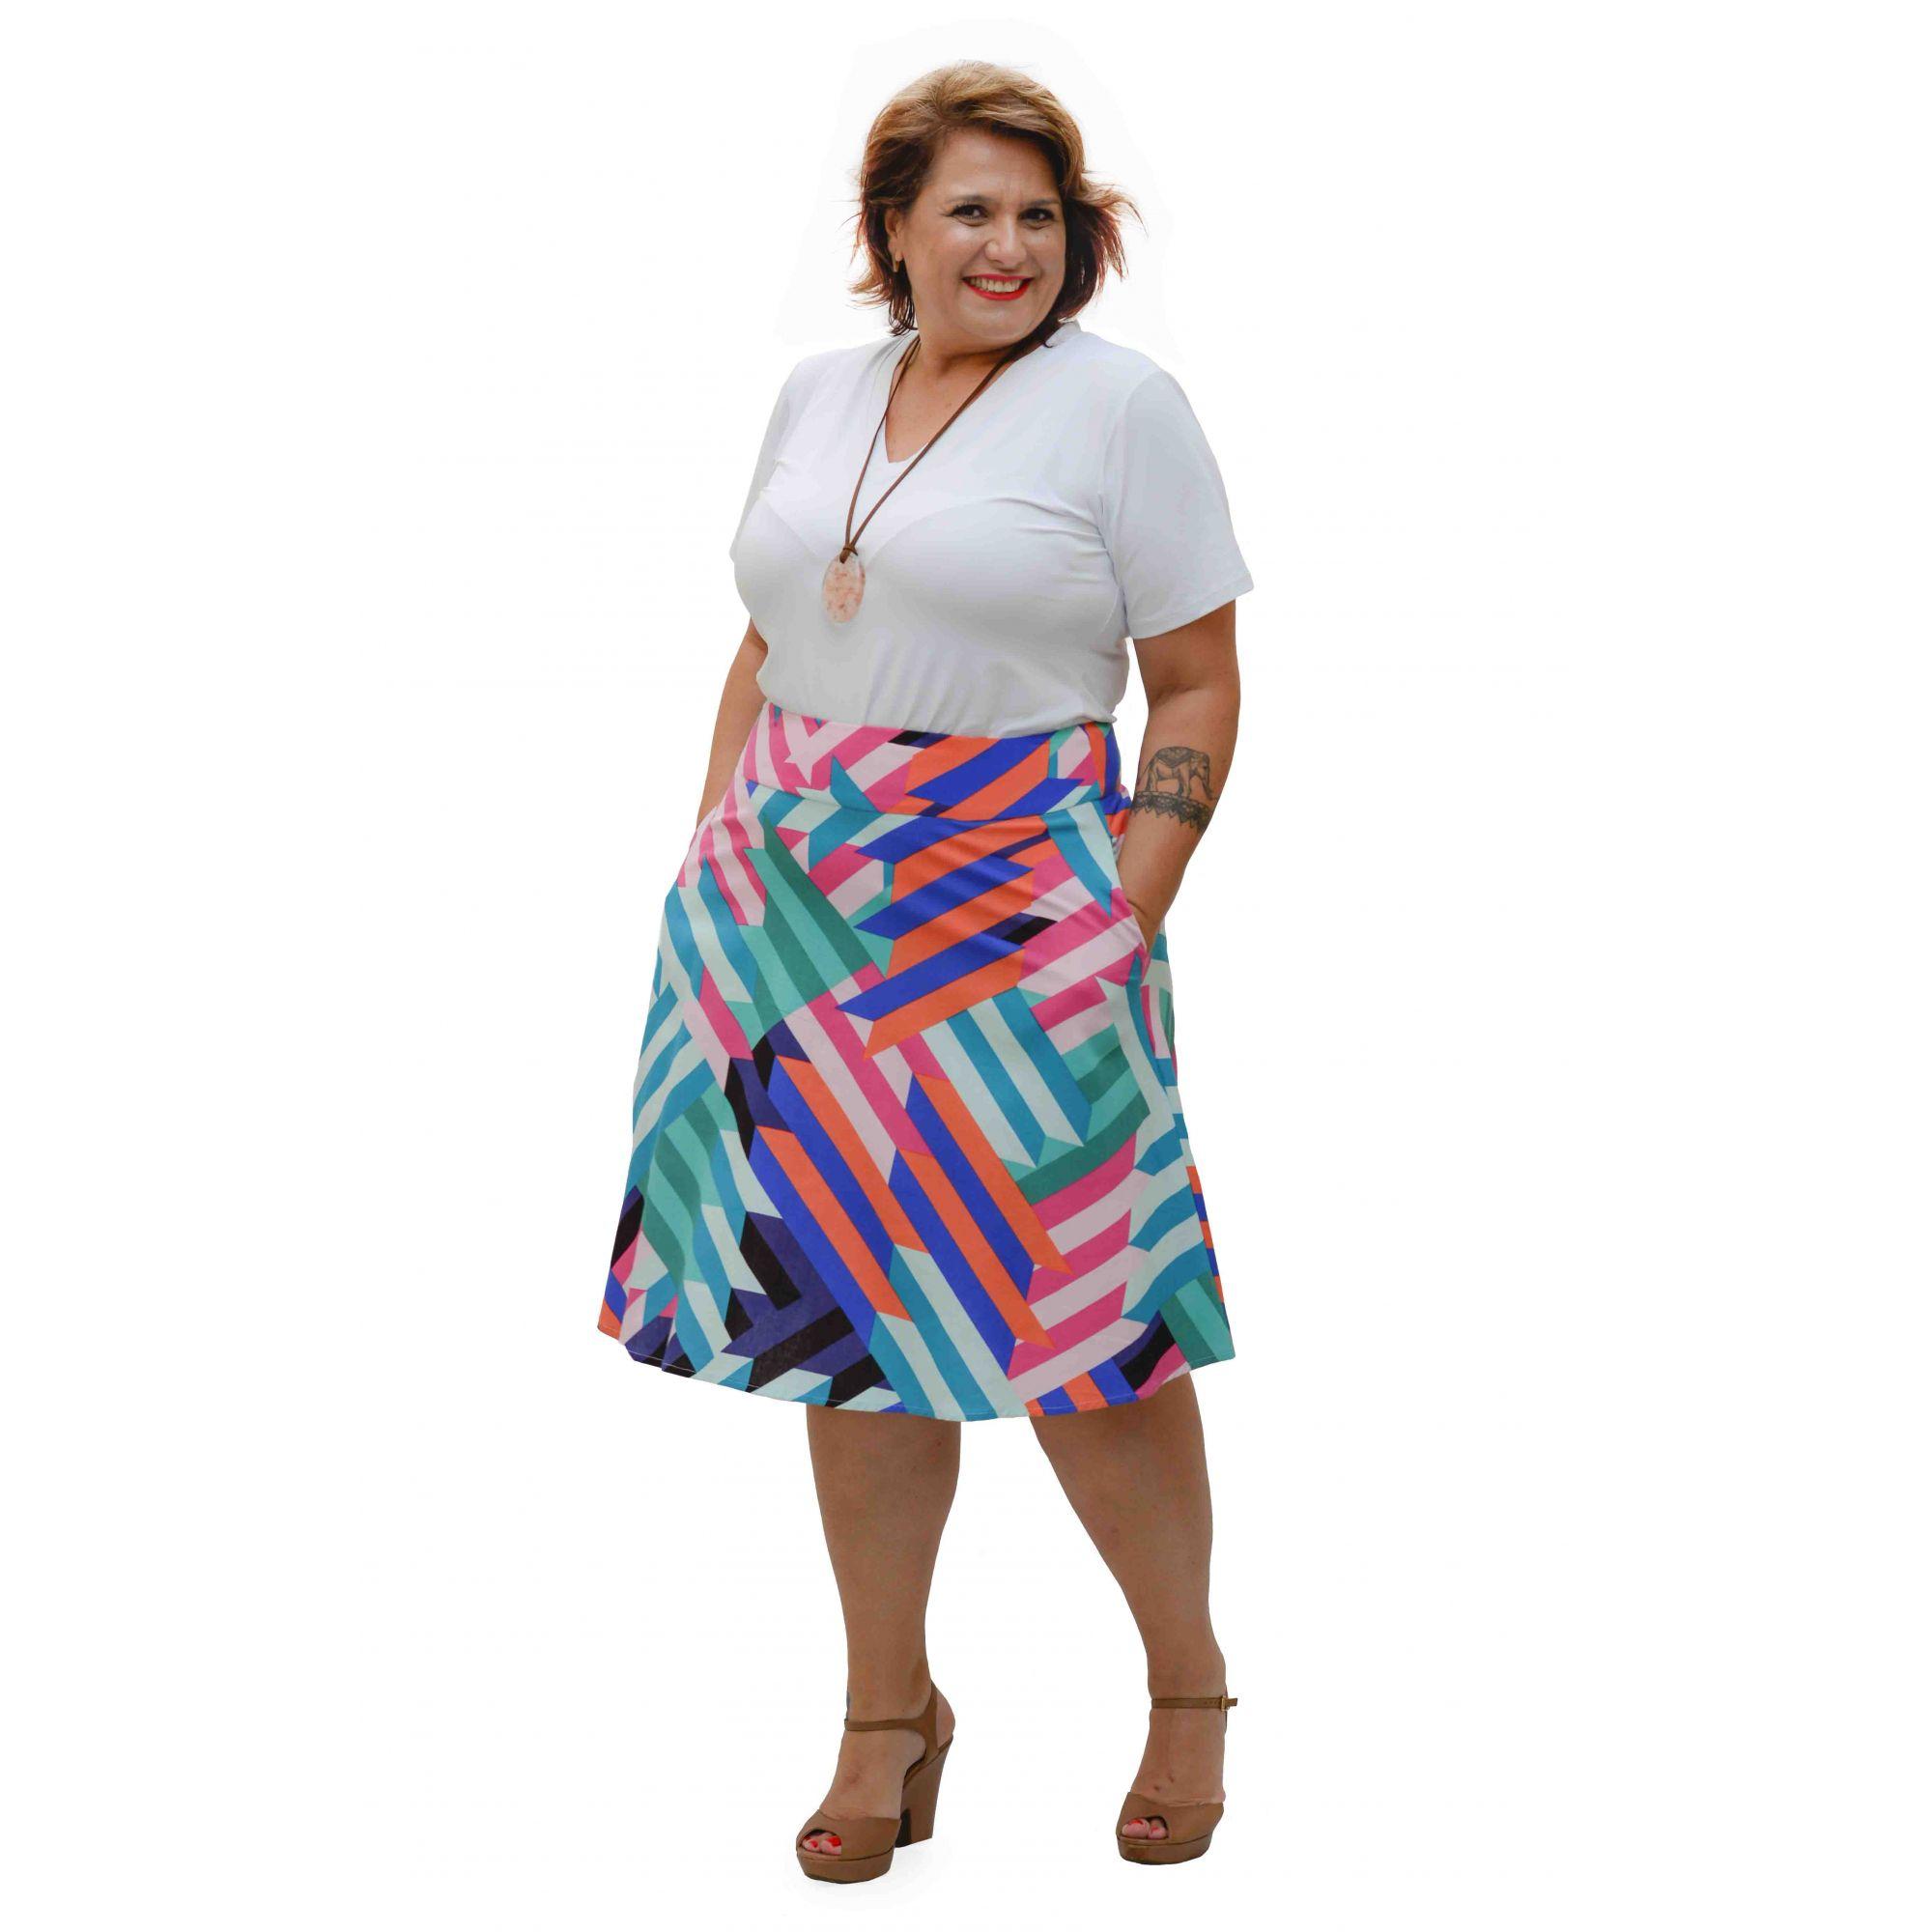 Saia Curta Plus Size de Linho Color Geométrica